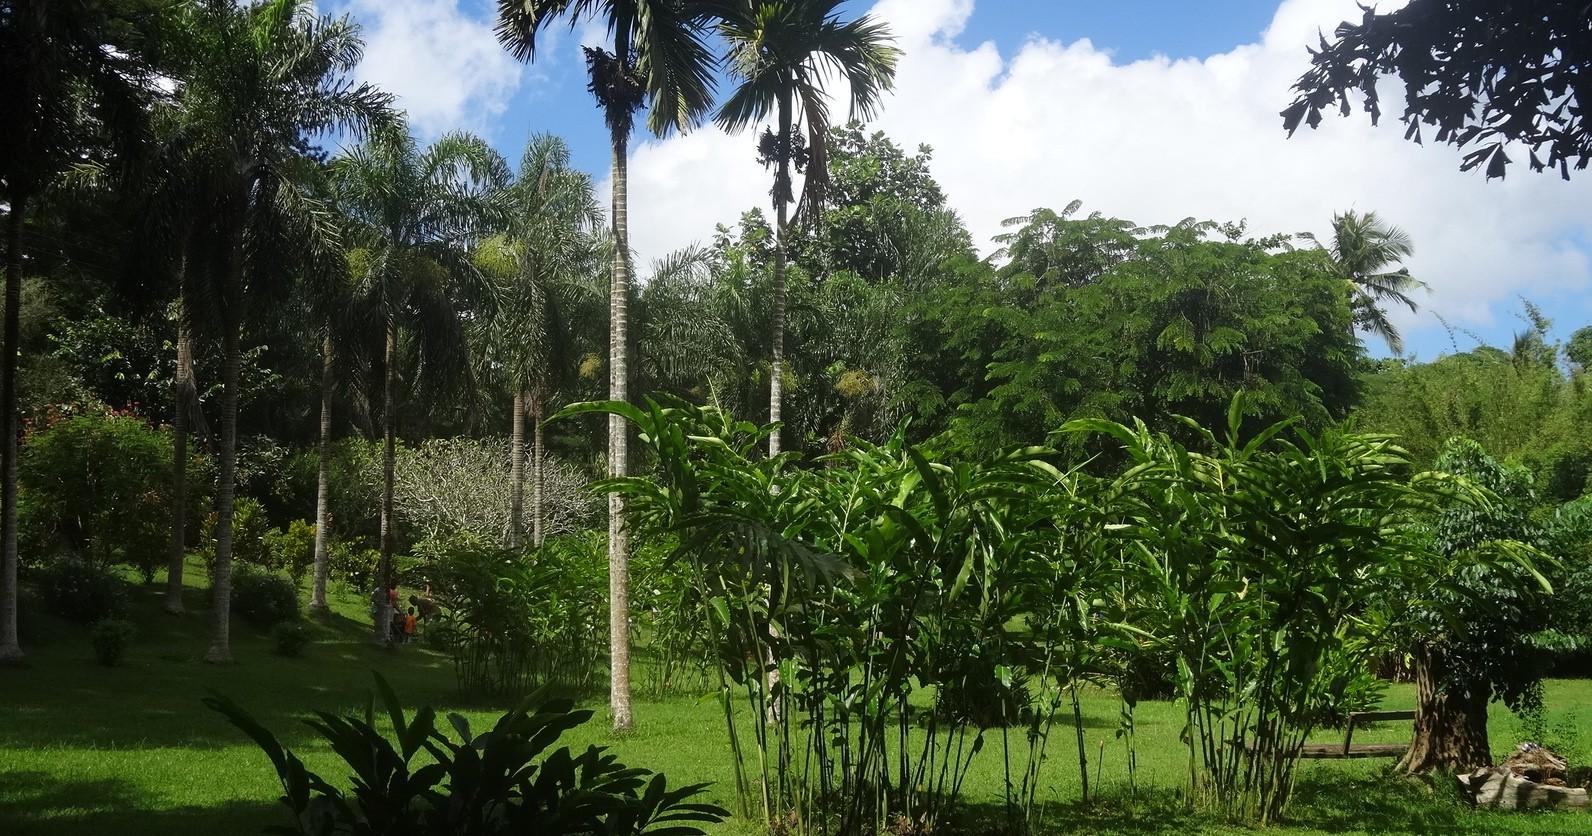 Le jardin botanique de coconi poussin voyageur for Le jardin botanique camping